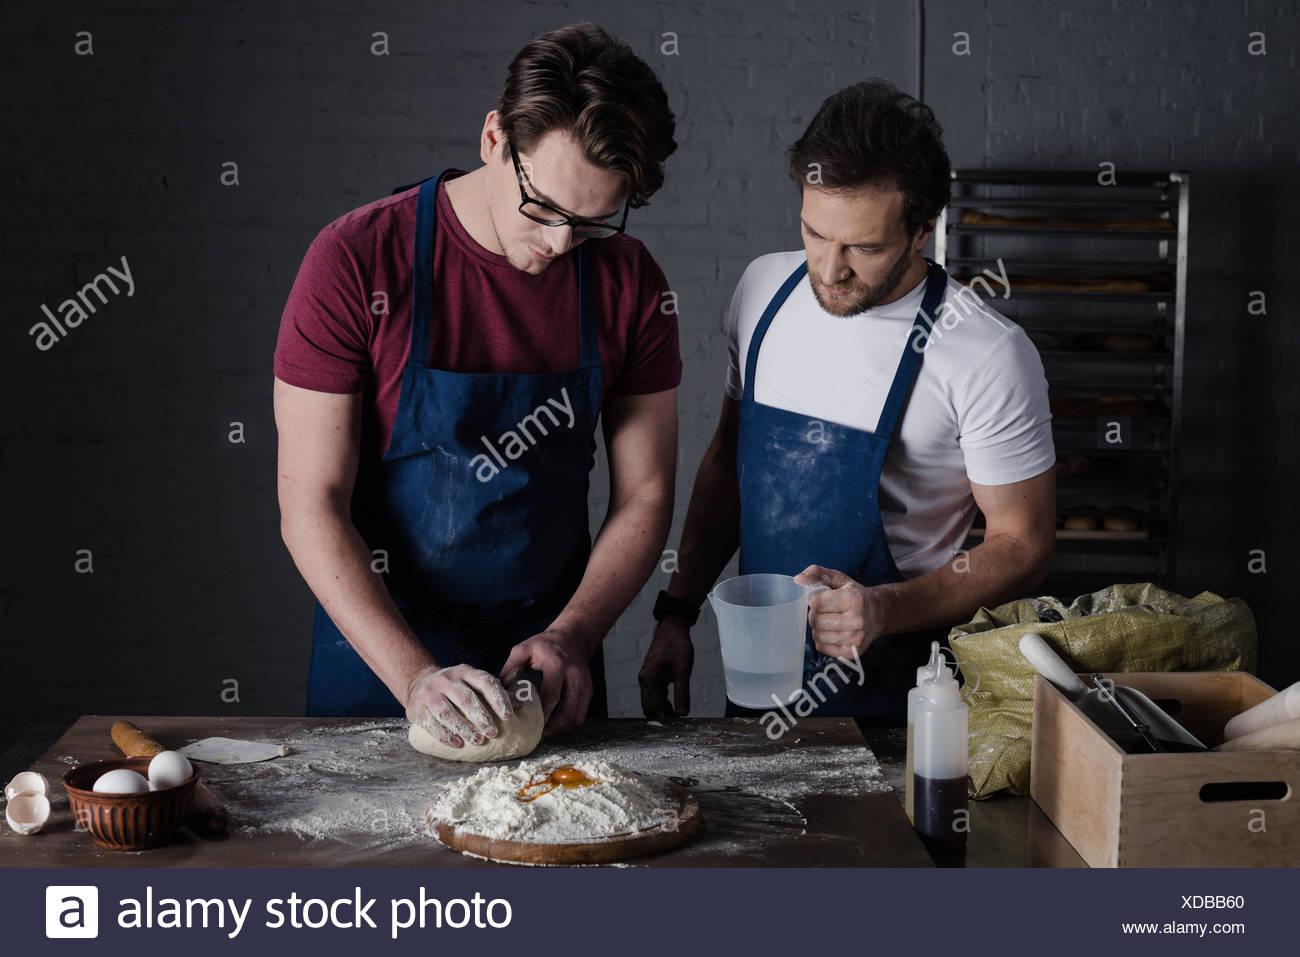 Bakers preparing dough - Stock Image